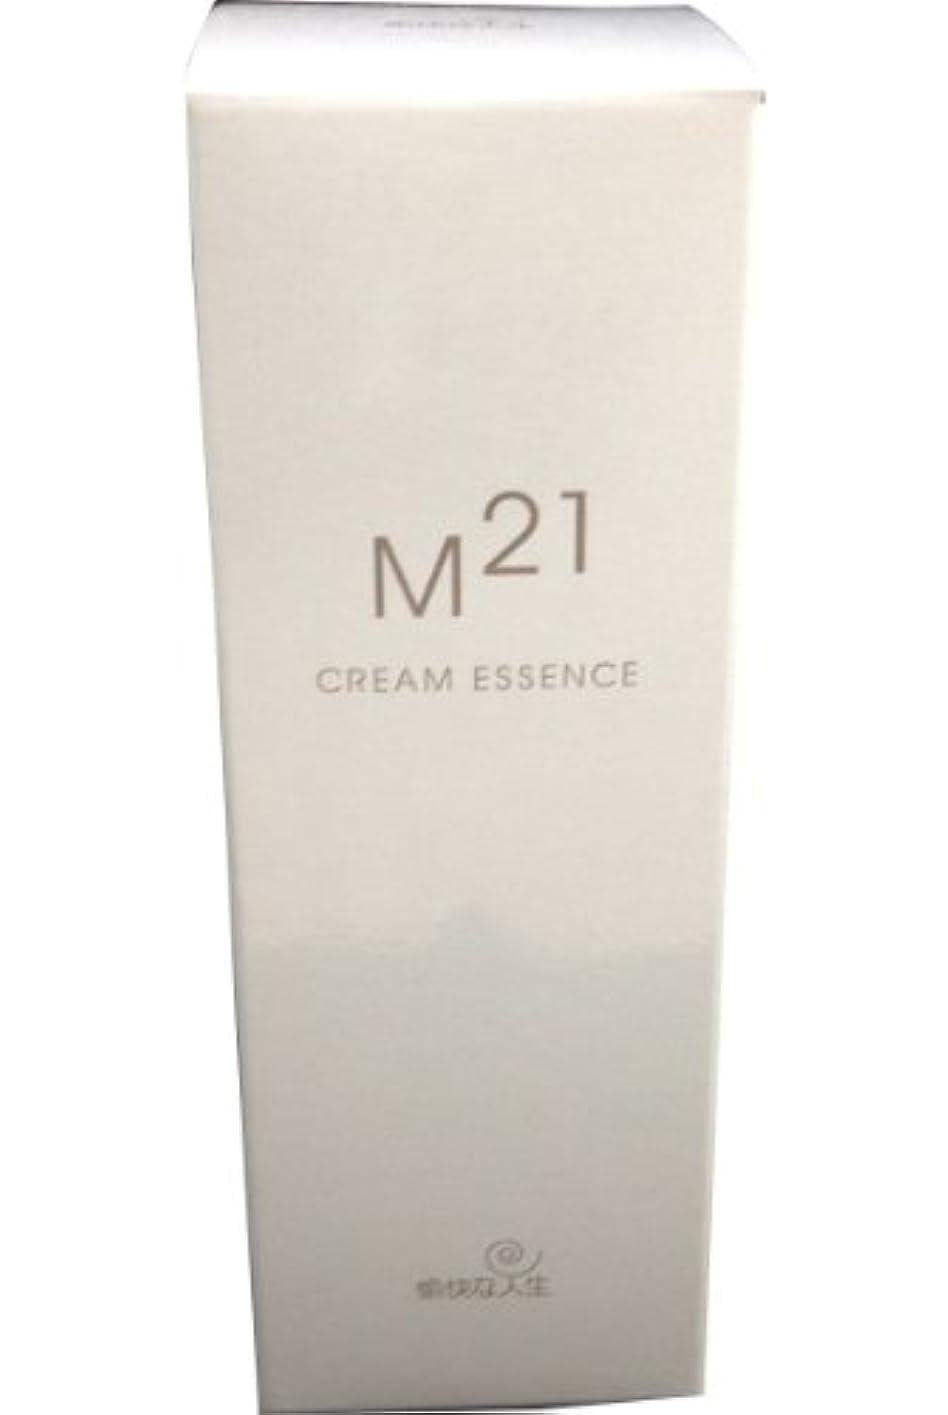 ネコ立法中絶M21クリームエッセンス 自然化粧品M21